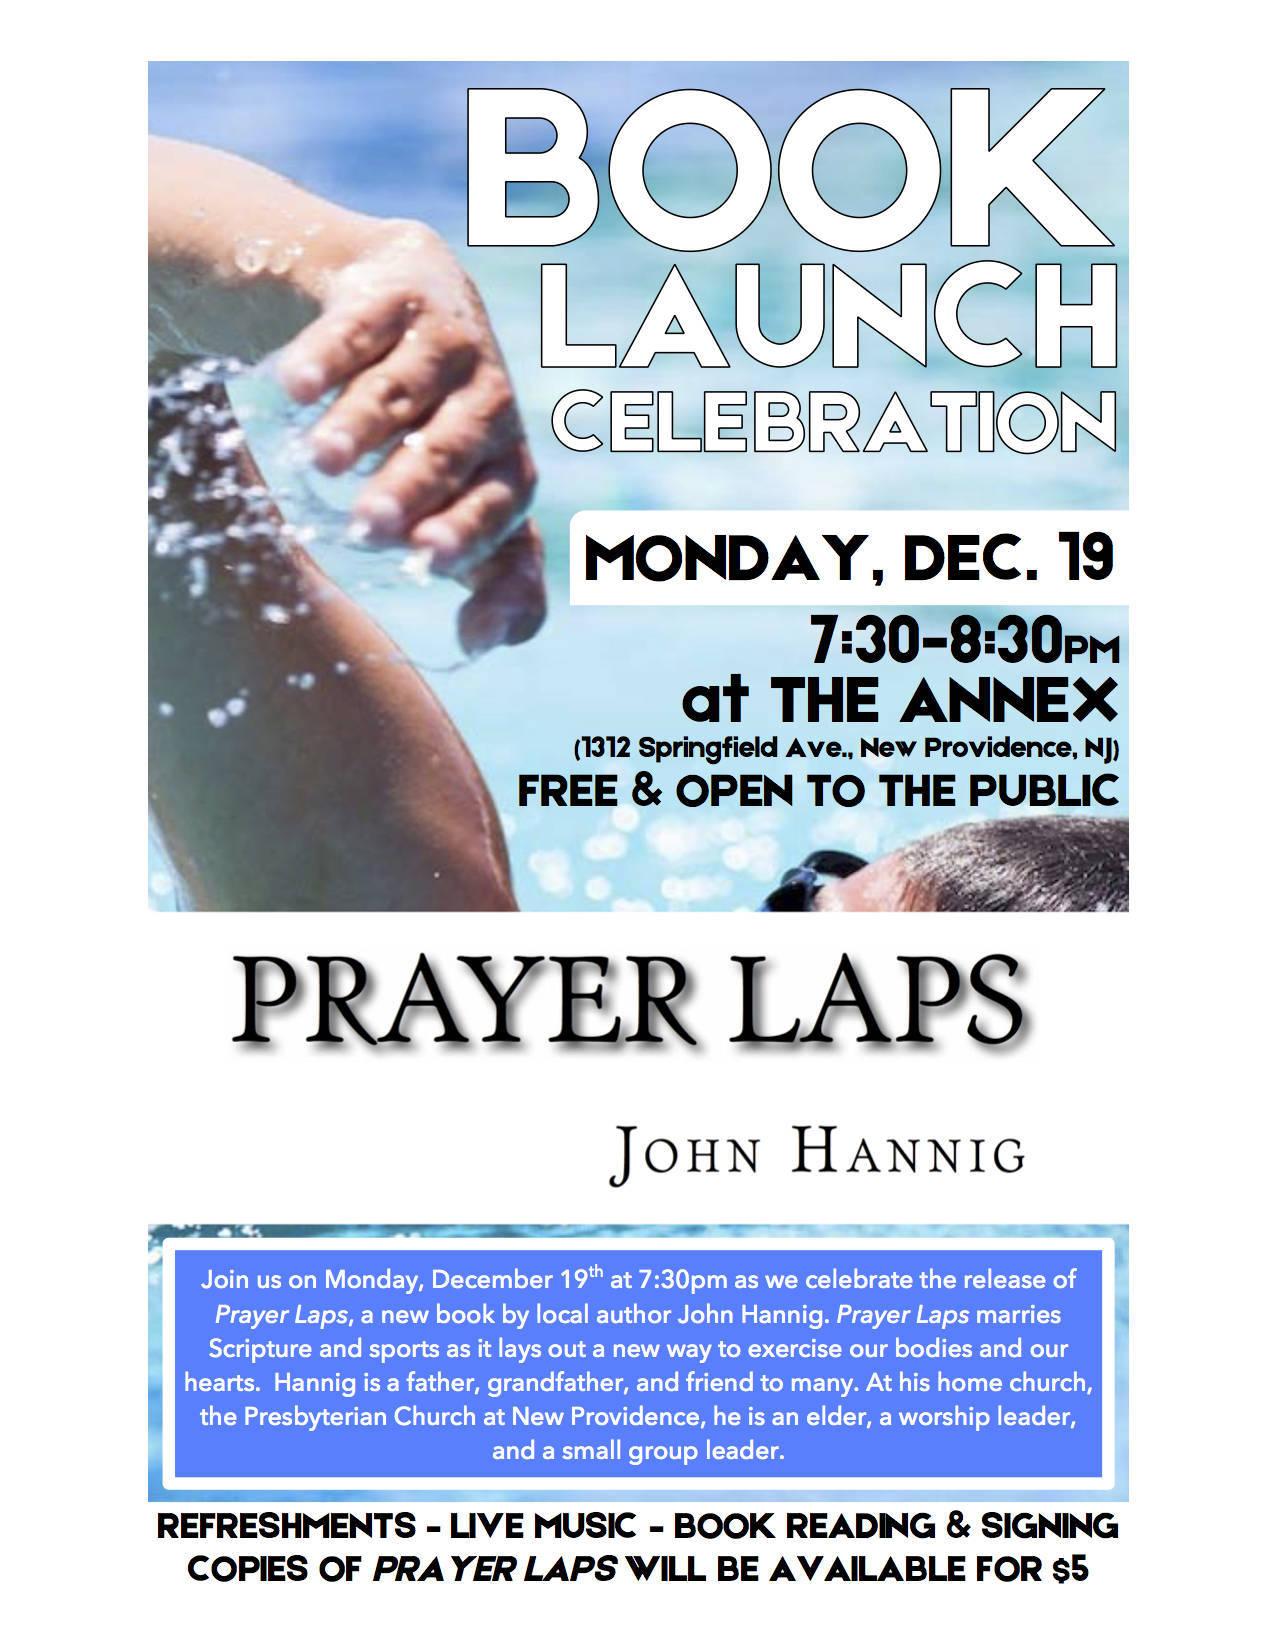 dc632eed7d5fe8674f9e_Prayer_Laps_Release_Poster.jpg